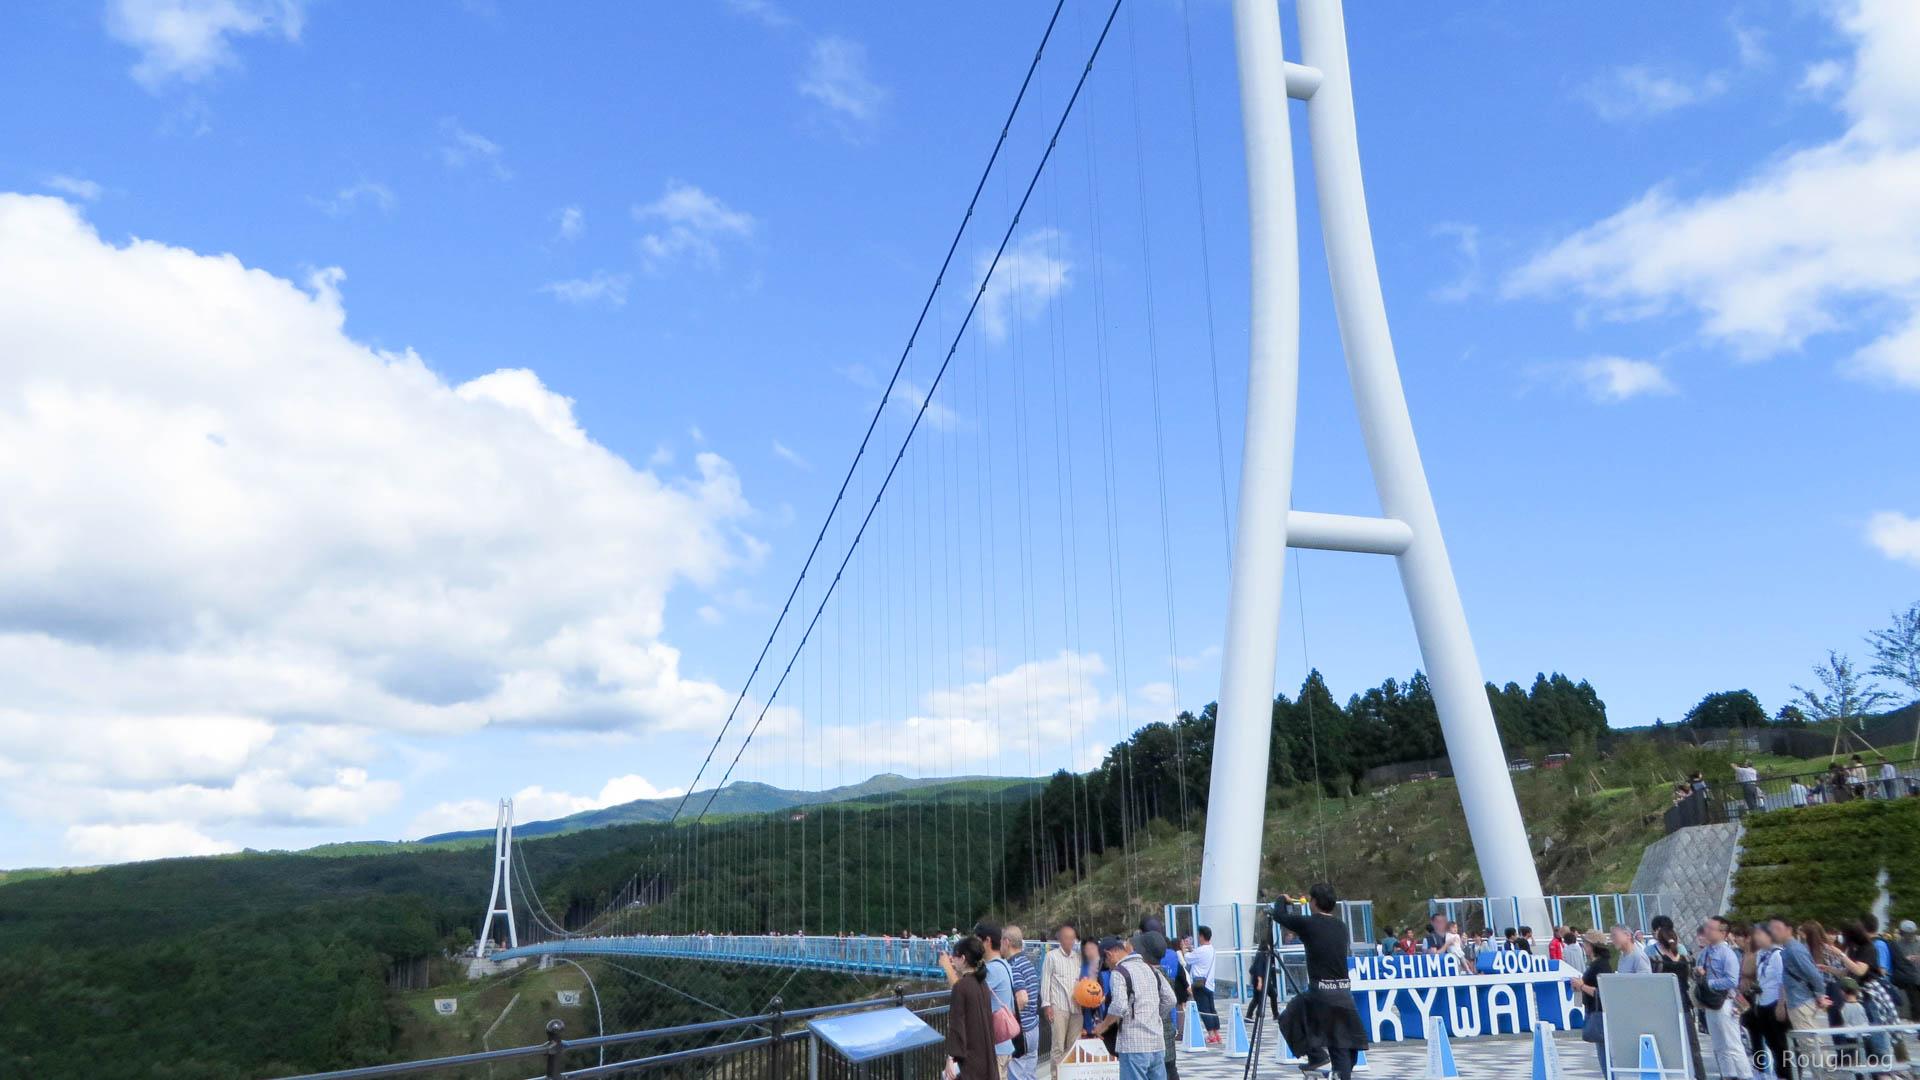 日本一の長さを誇る大吊橋「三島スカイウォーク」